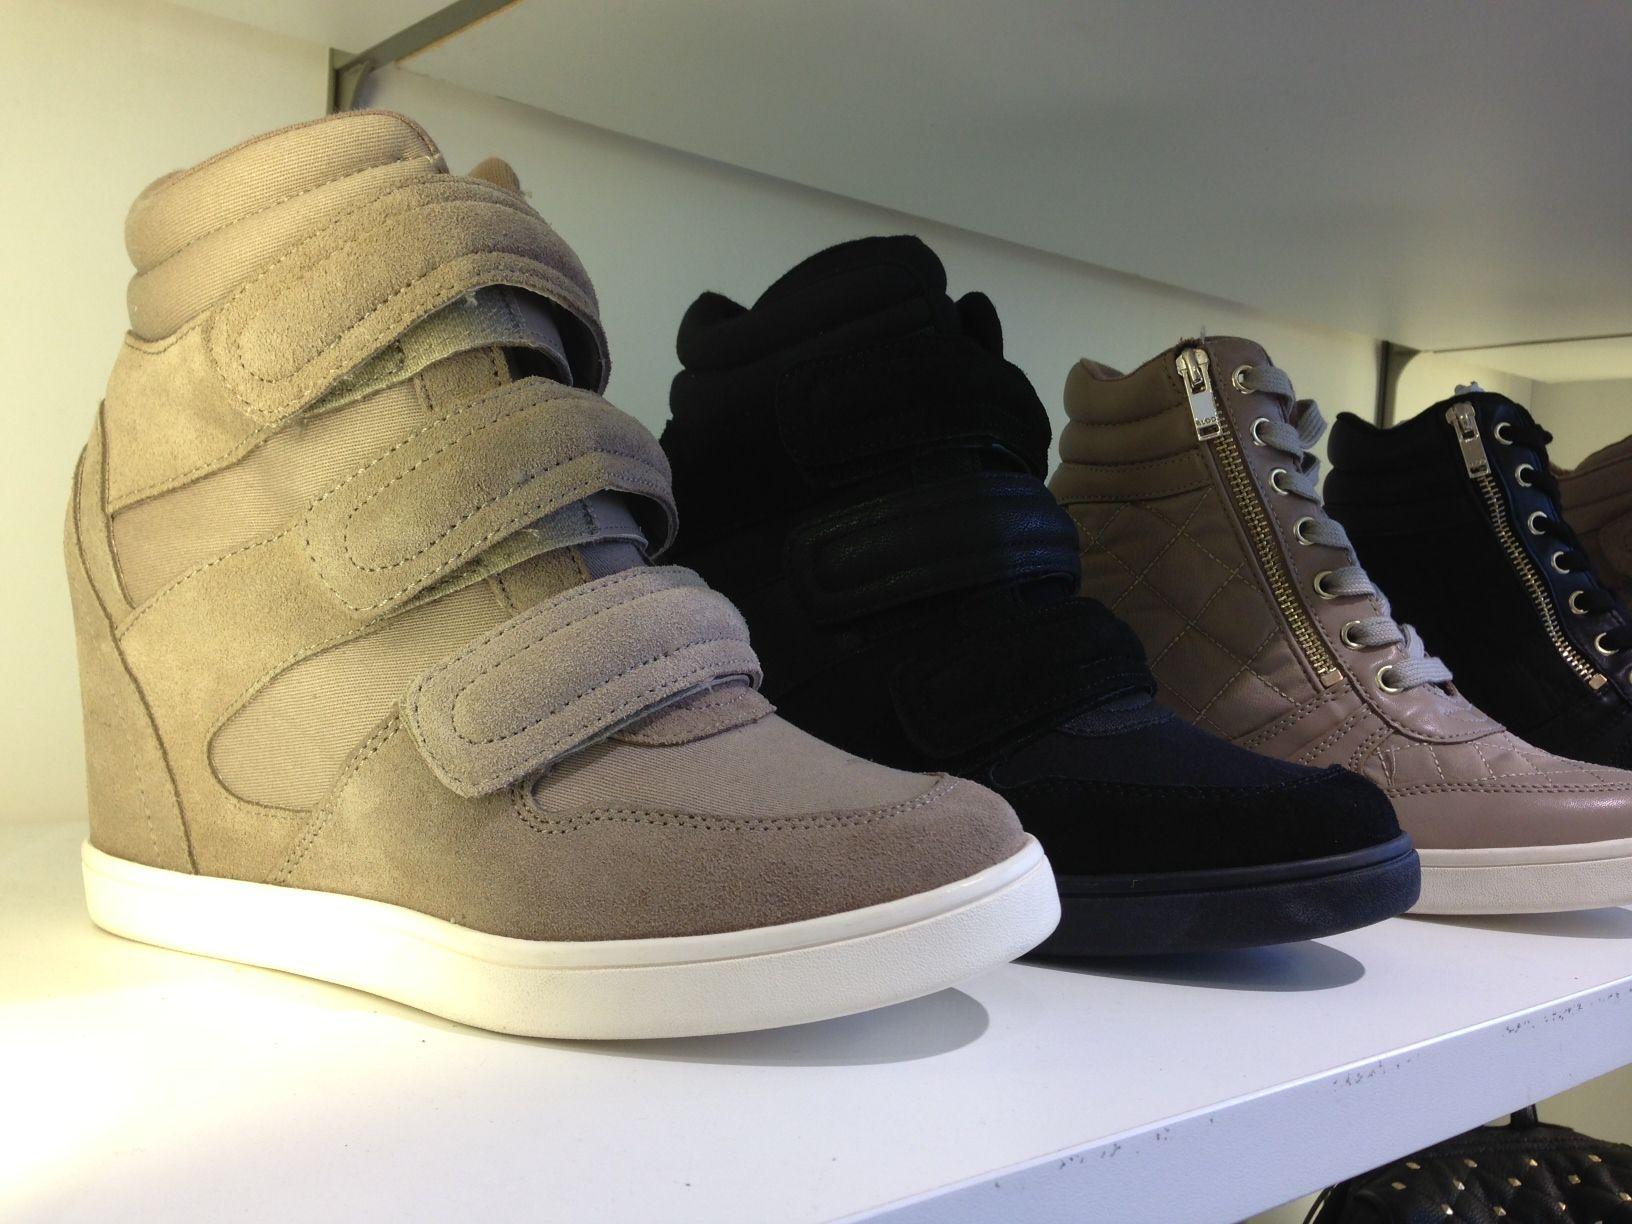 0e81459a640 Aldo sneaker wedges